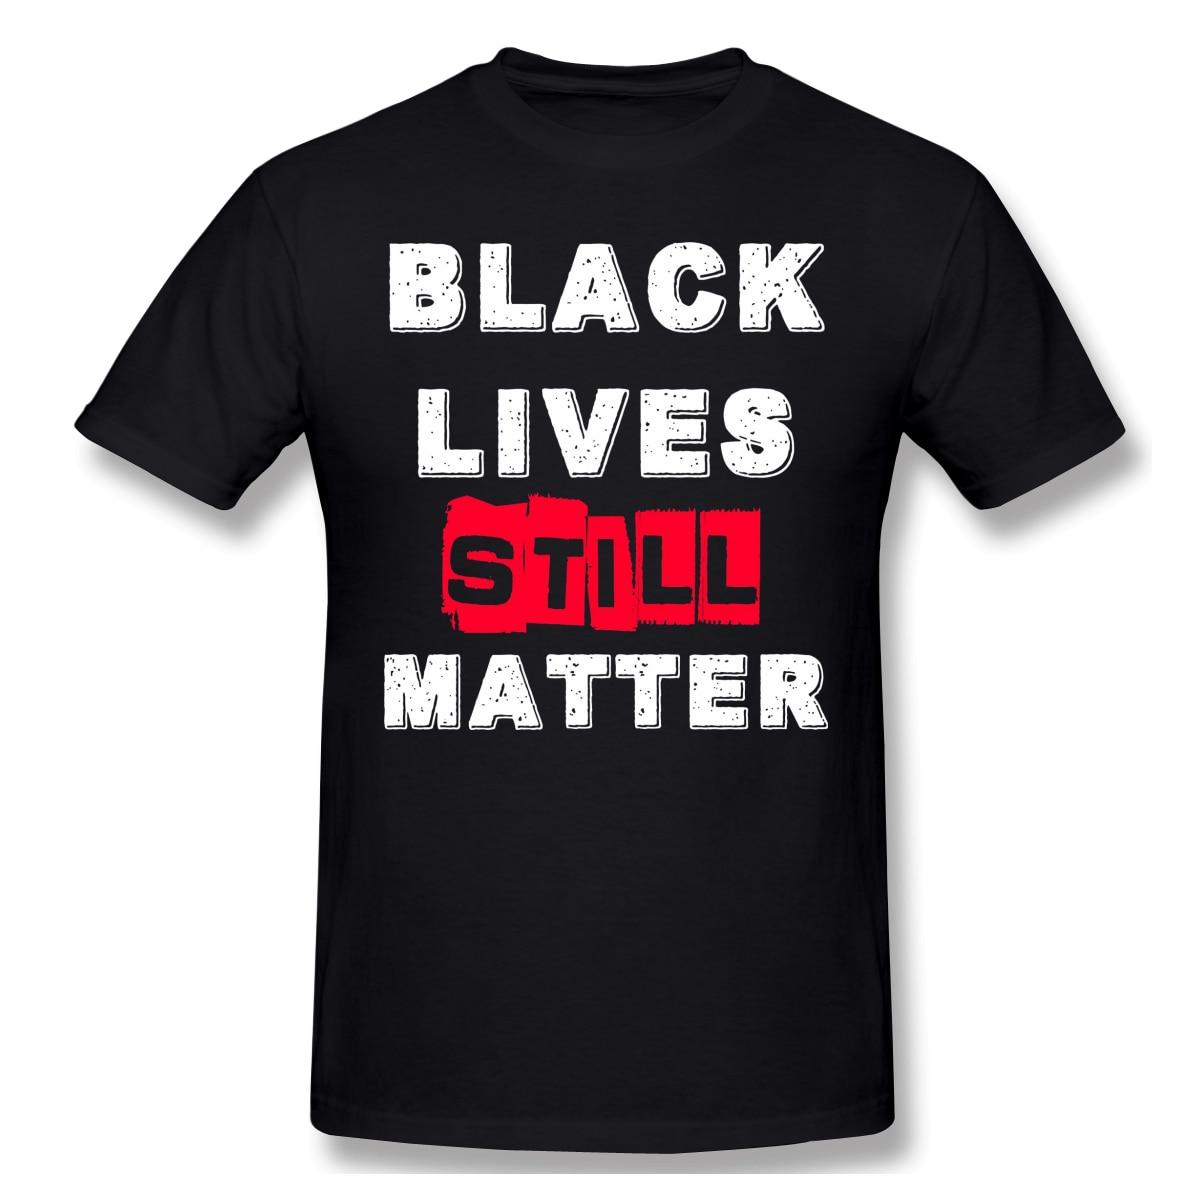 Футболка для мужчин черная жизнь все еще материя 100% хлопок тройники Crewneck Джордж поплавал черный расовая дискреция в Миннесоте